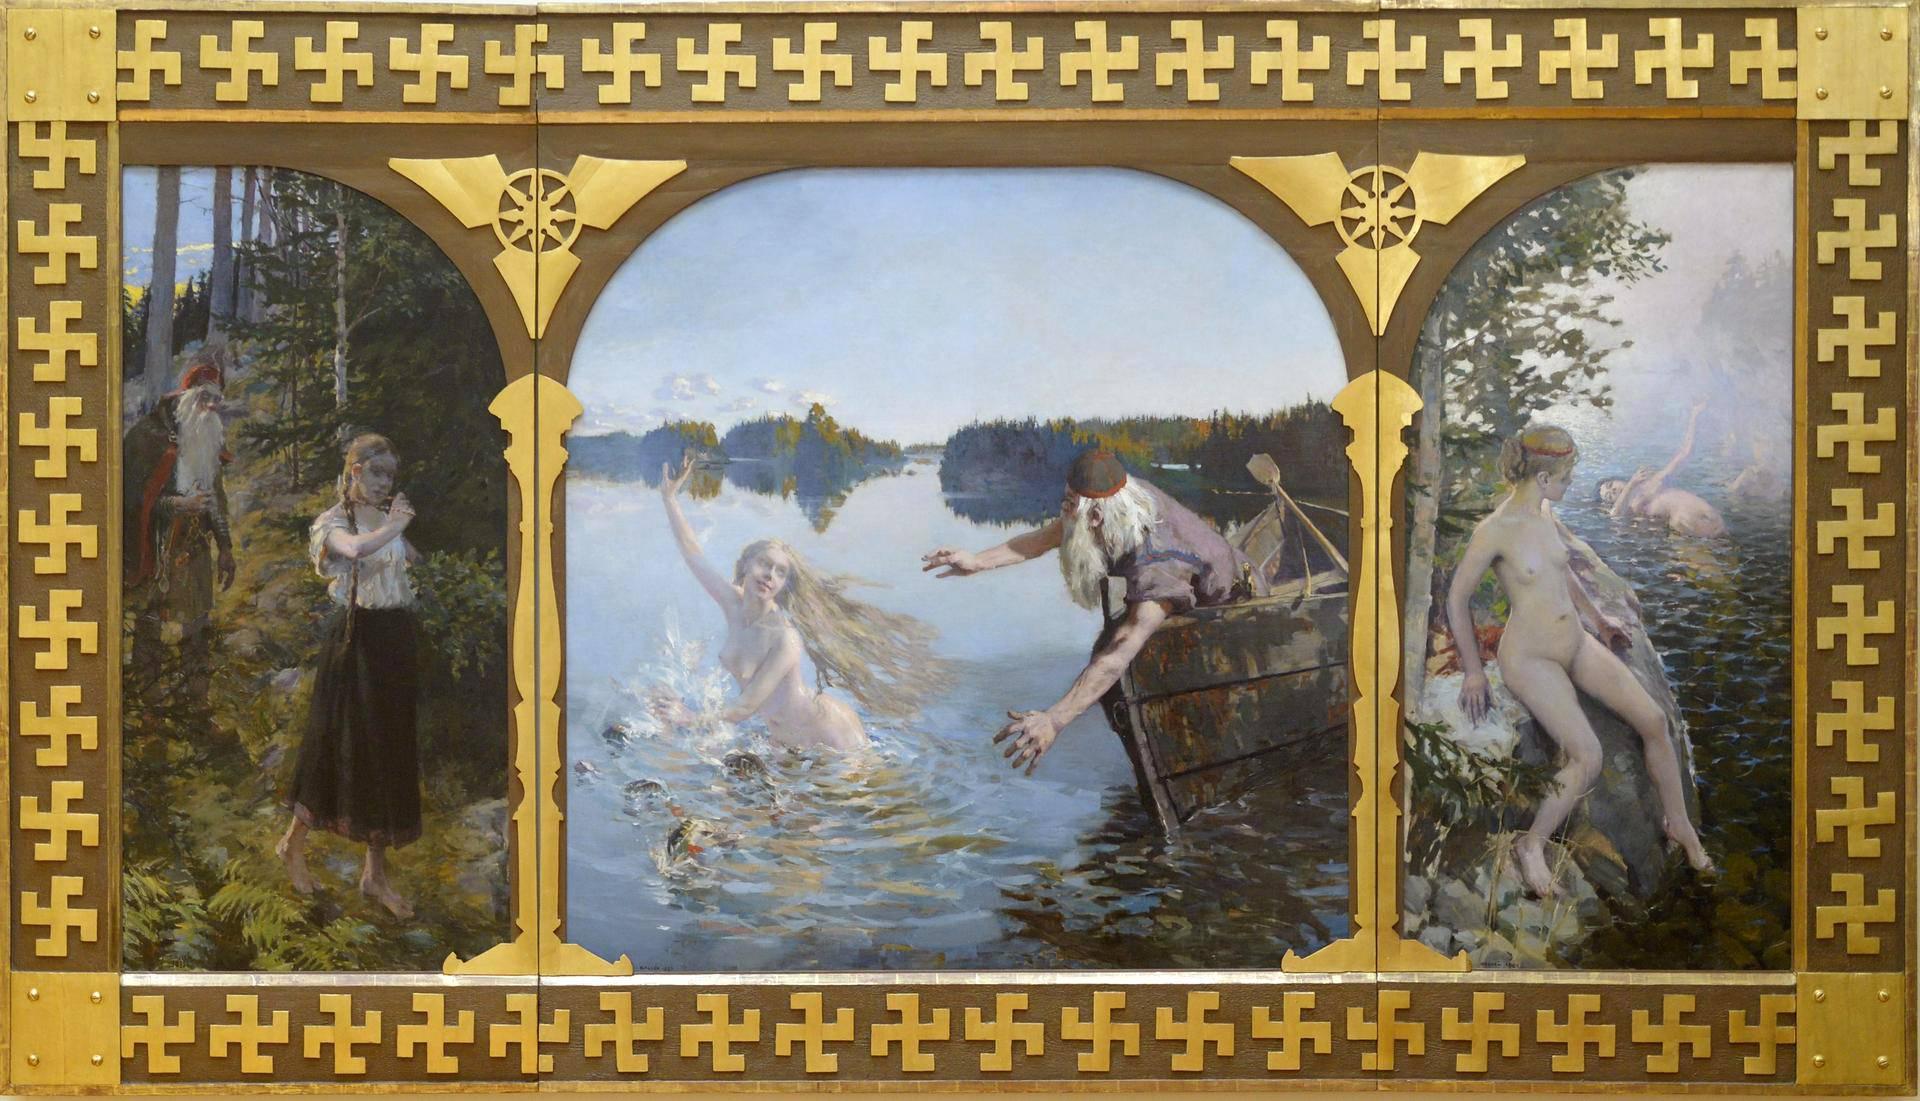 Akseli Gallen-Kallelan Aino-triptyykin ensimmäinen versio on vuodelta 1889.